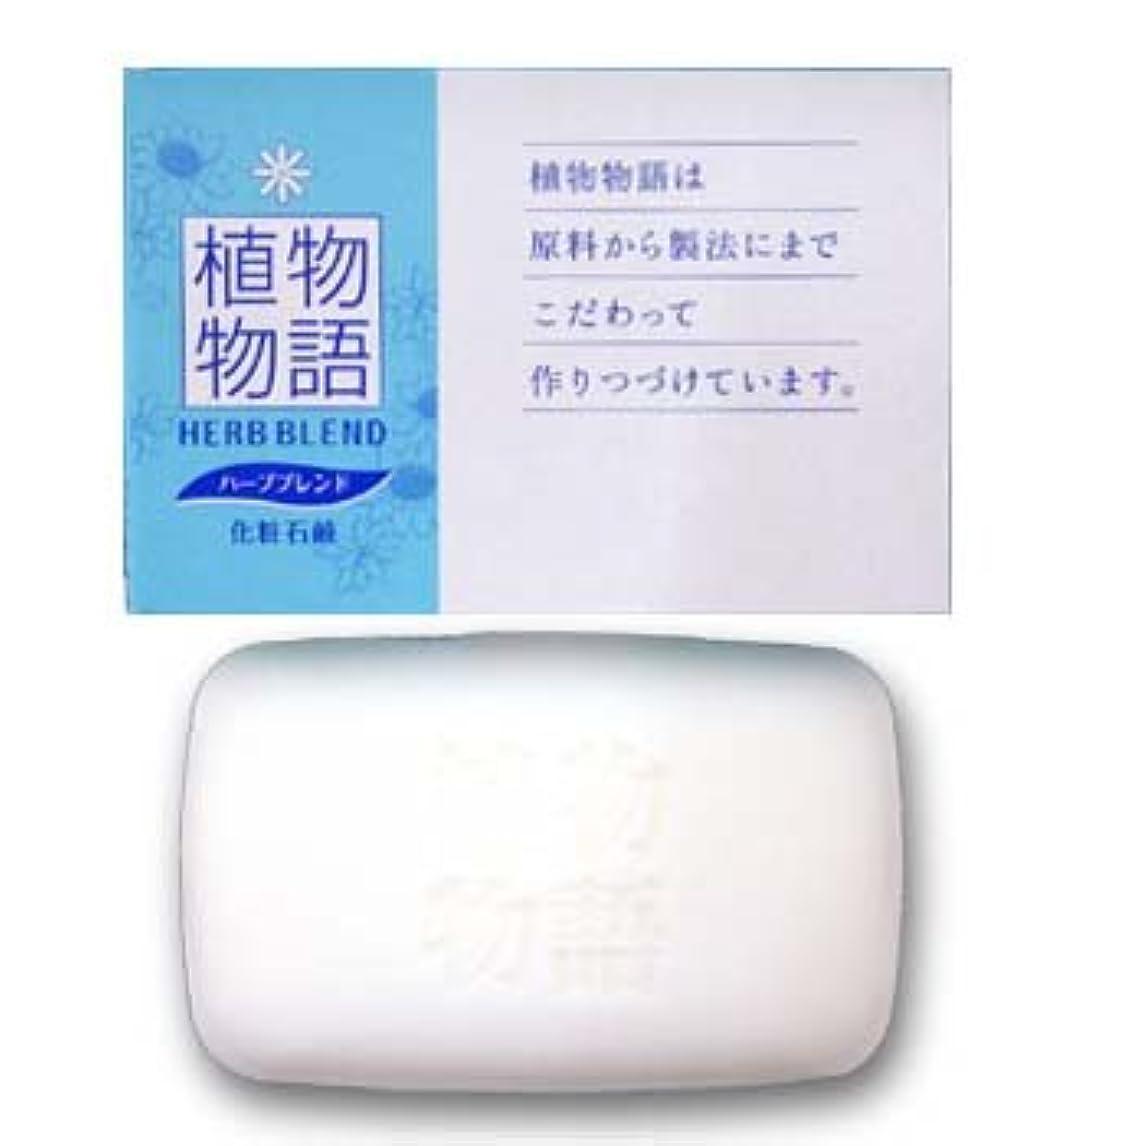 チューリップ達成可能首謀者LION 植物物語石鹸80g化粧箱入(1セット100個入)